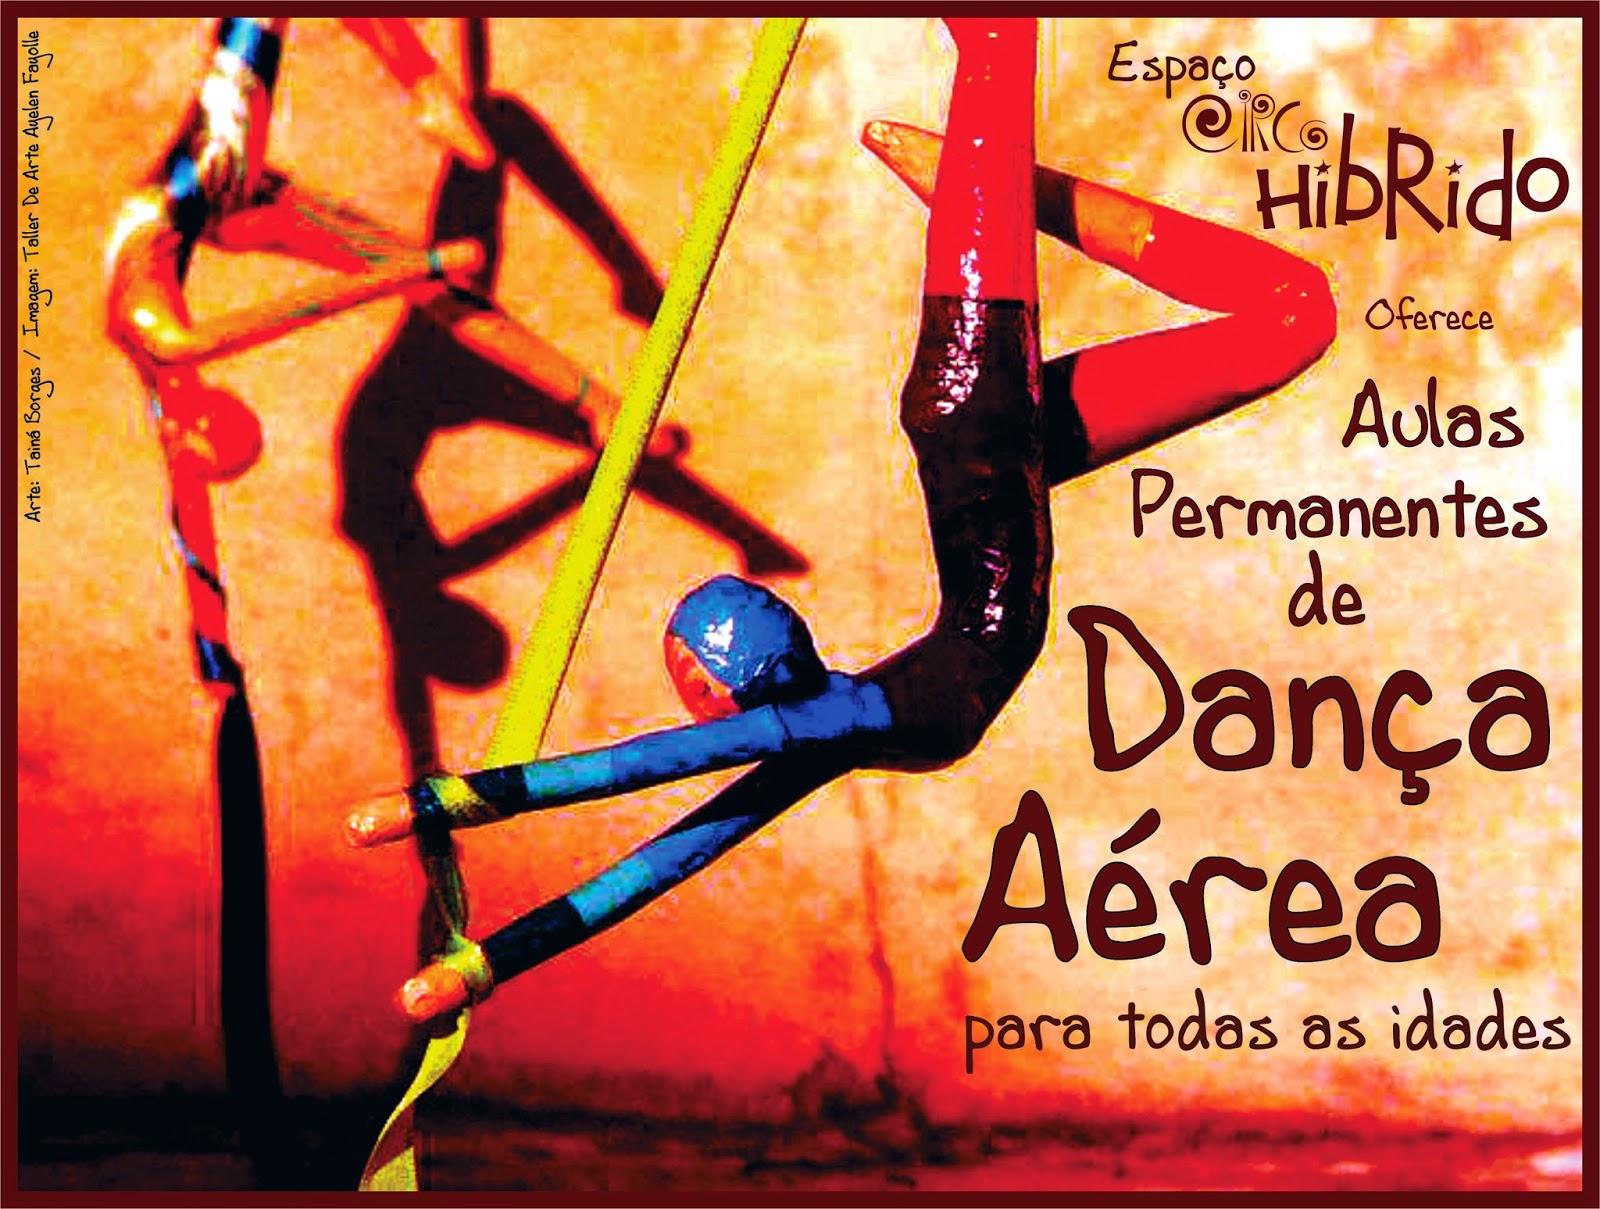 Aulas Permanentes de Dança Aérea